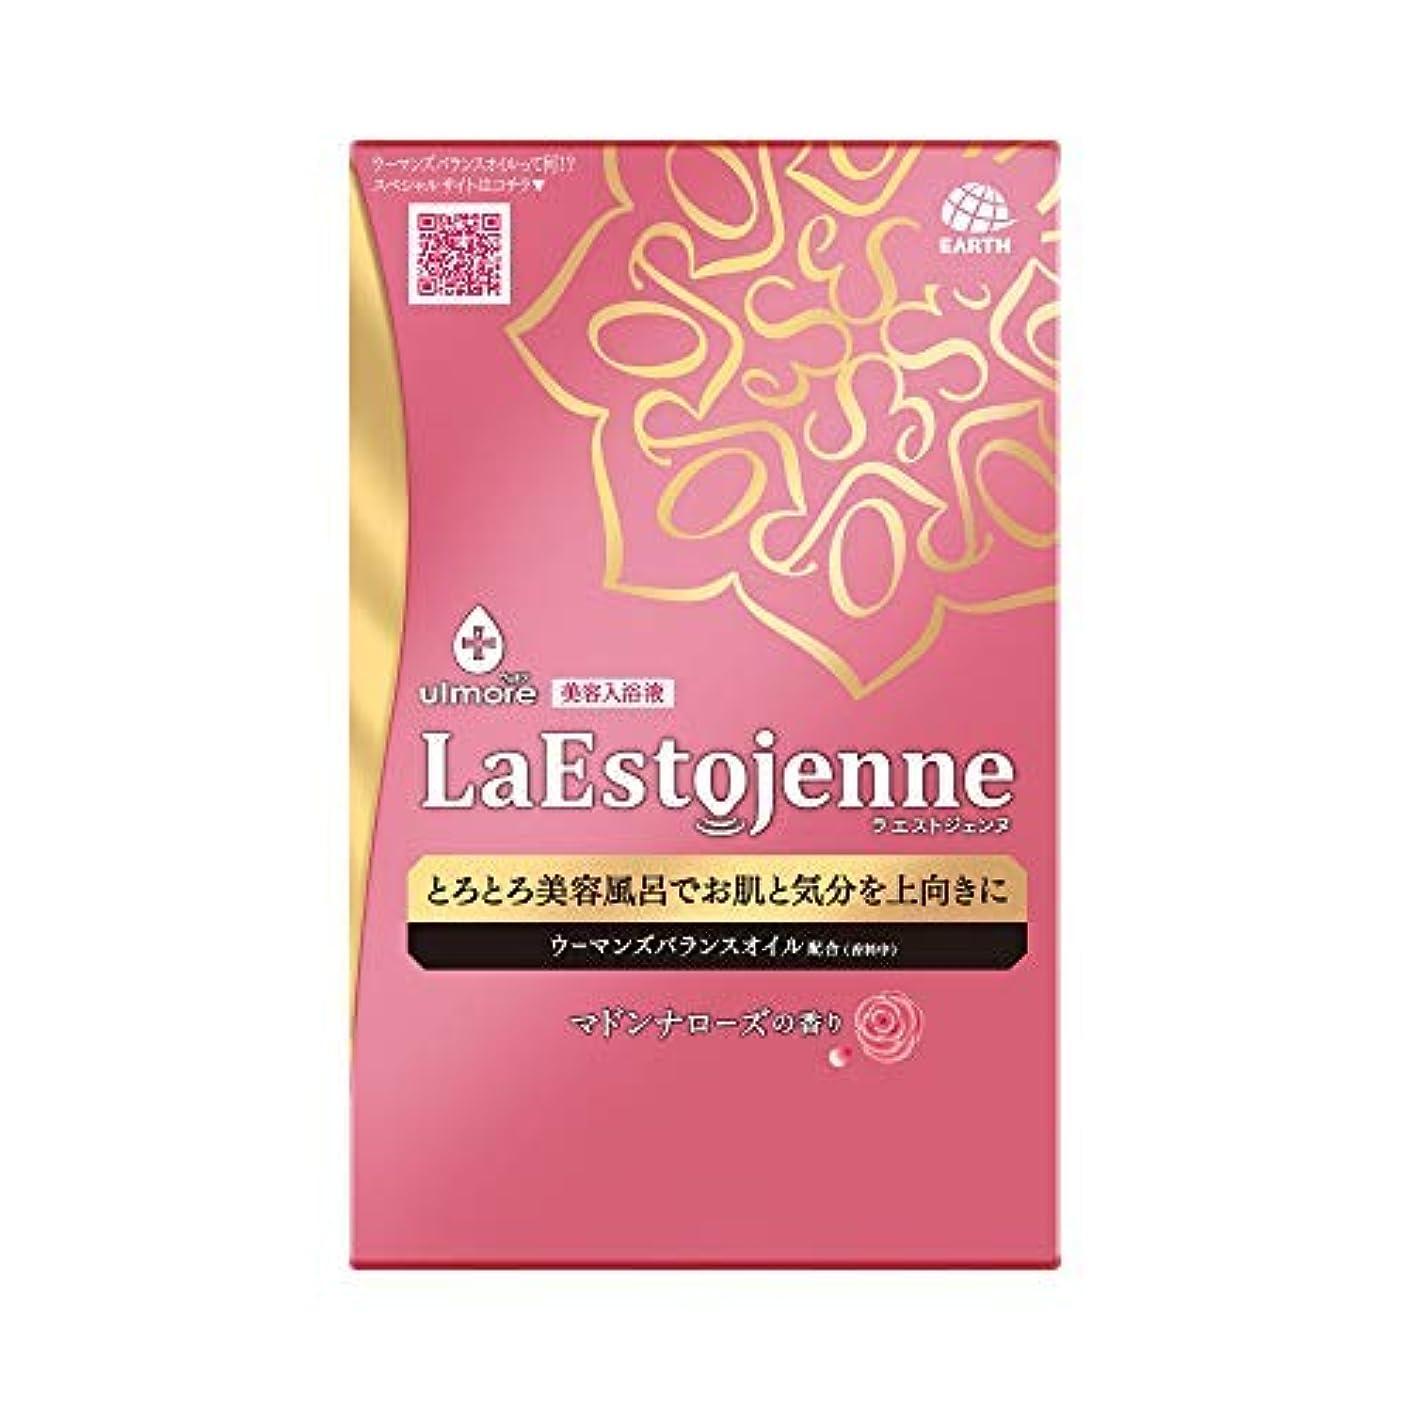 展望台コンテスト気まぐれなウルモア ラエストジェンヌ マドンナローズの香り 3包入り × 2個セット